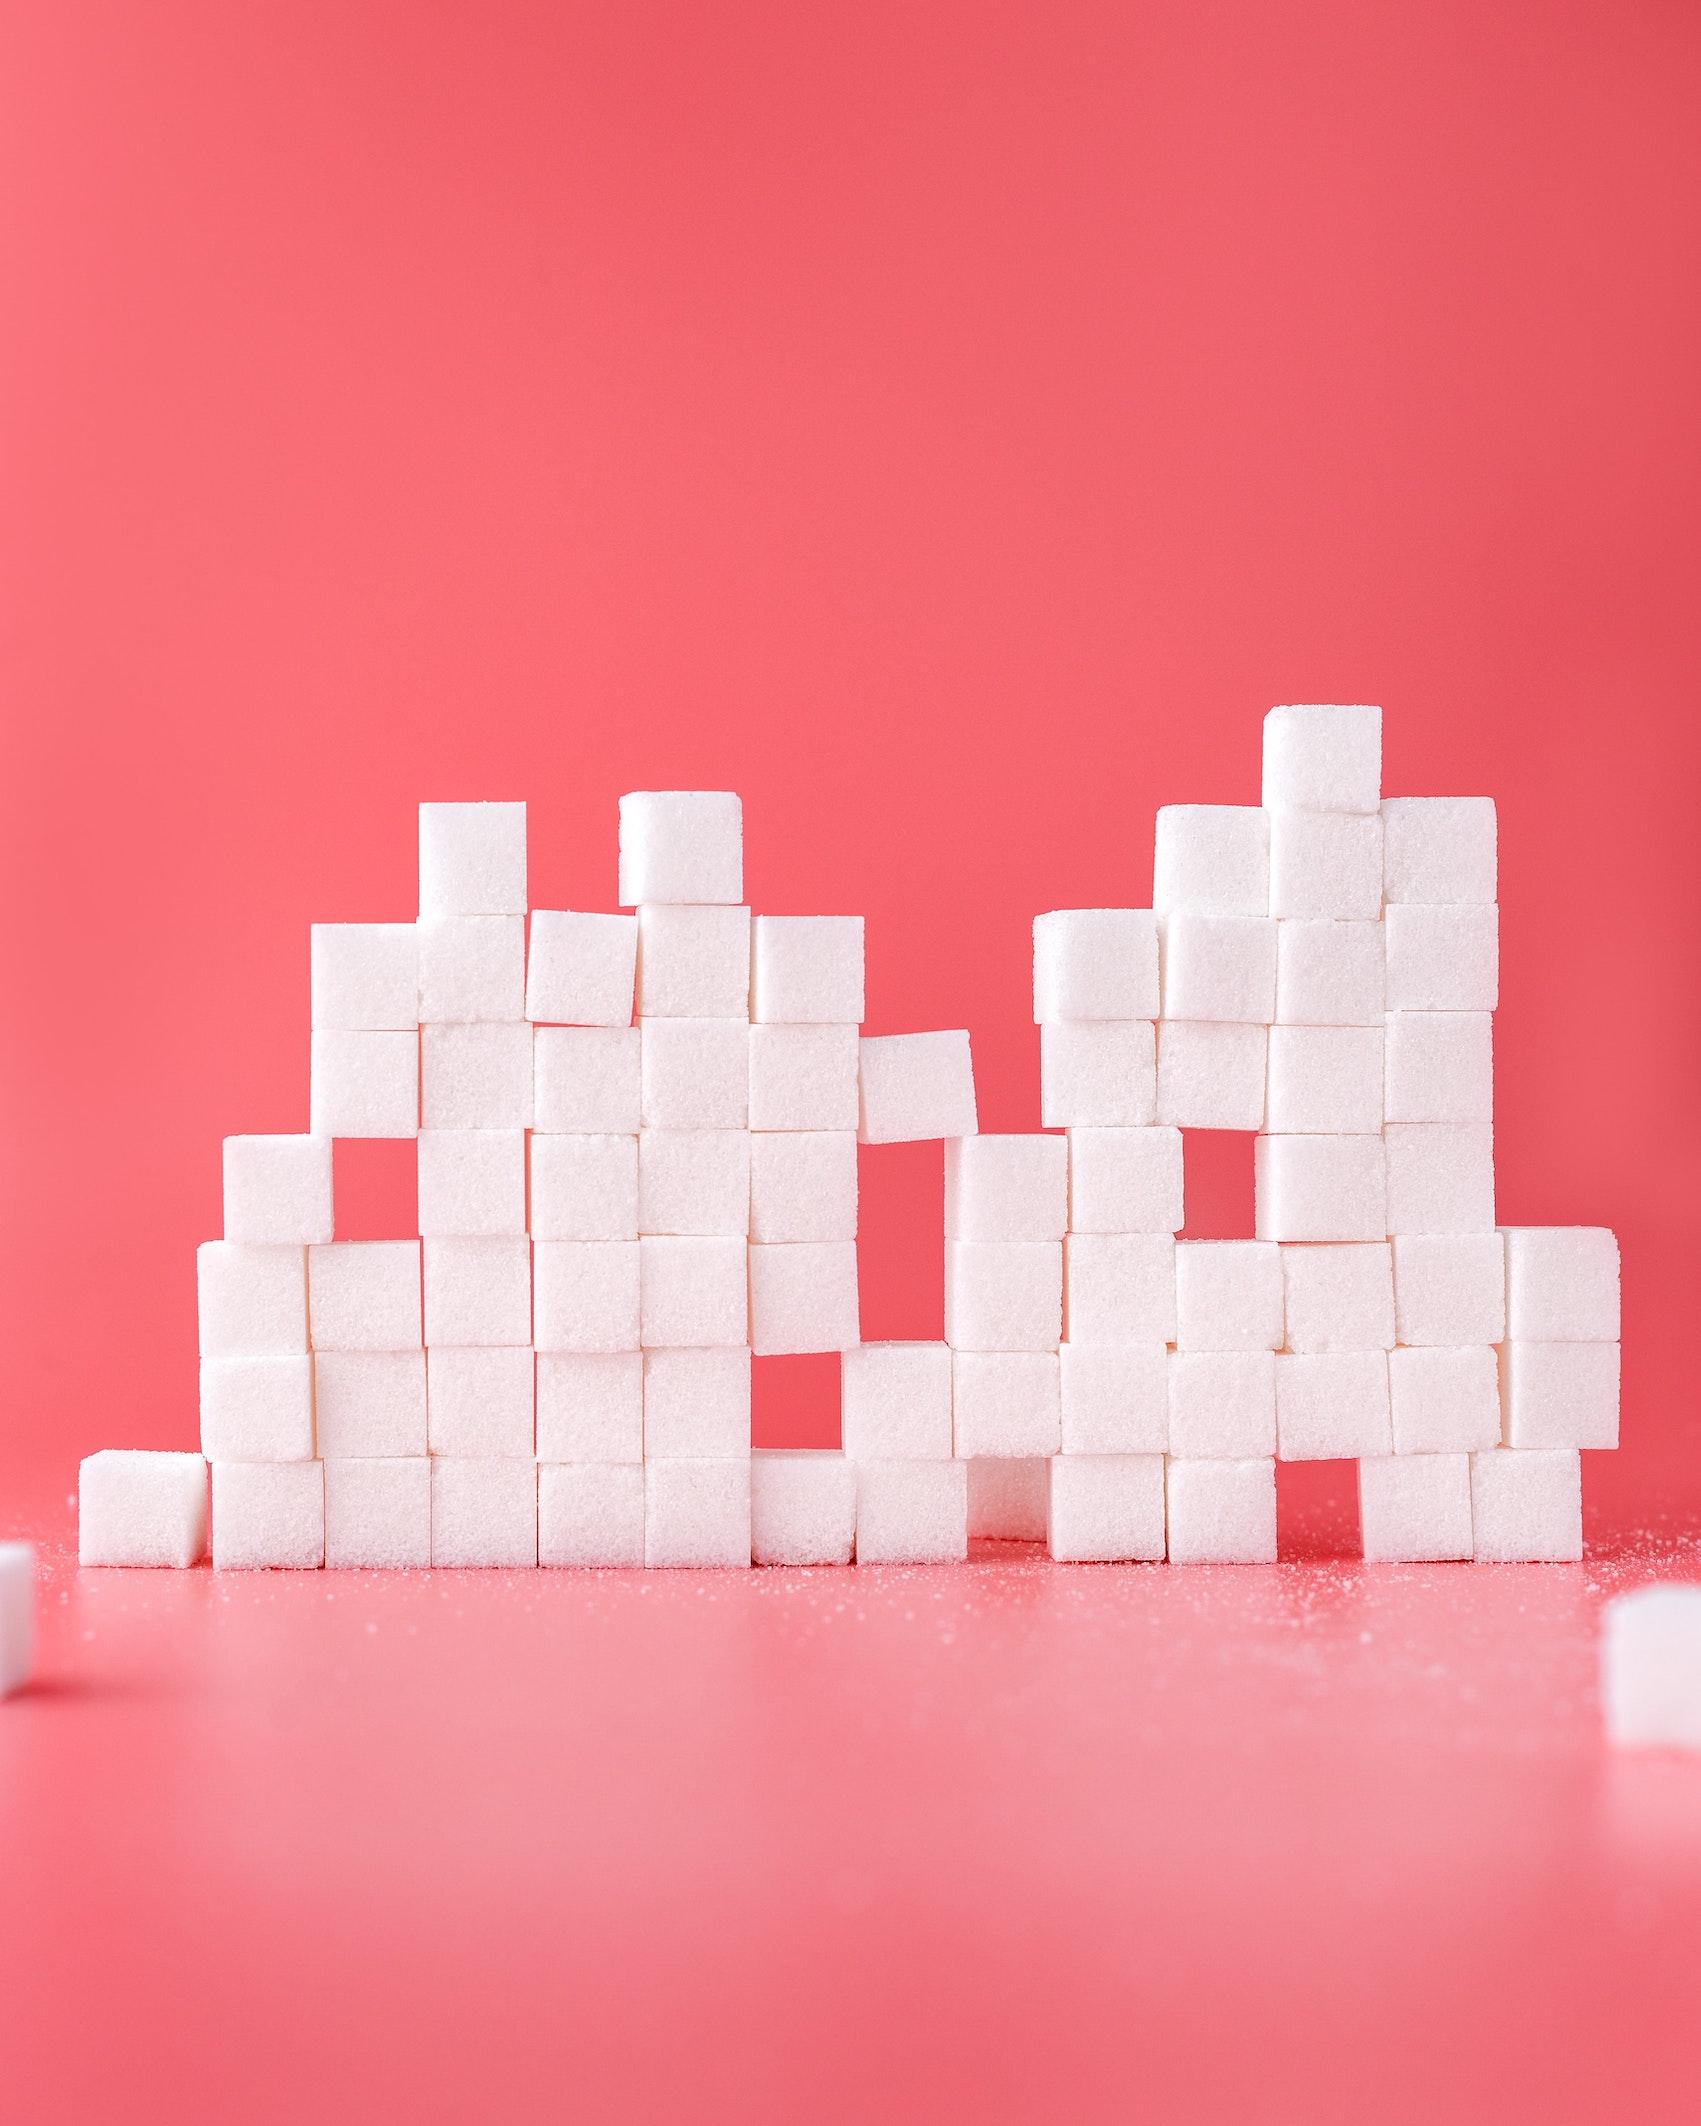 πύργος από ζάχαρη σε ροζ επιφάνεια